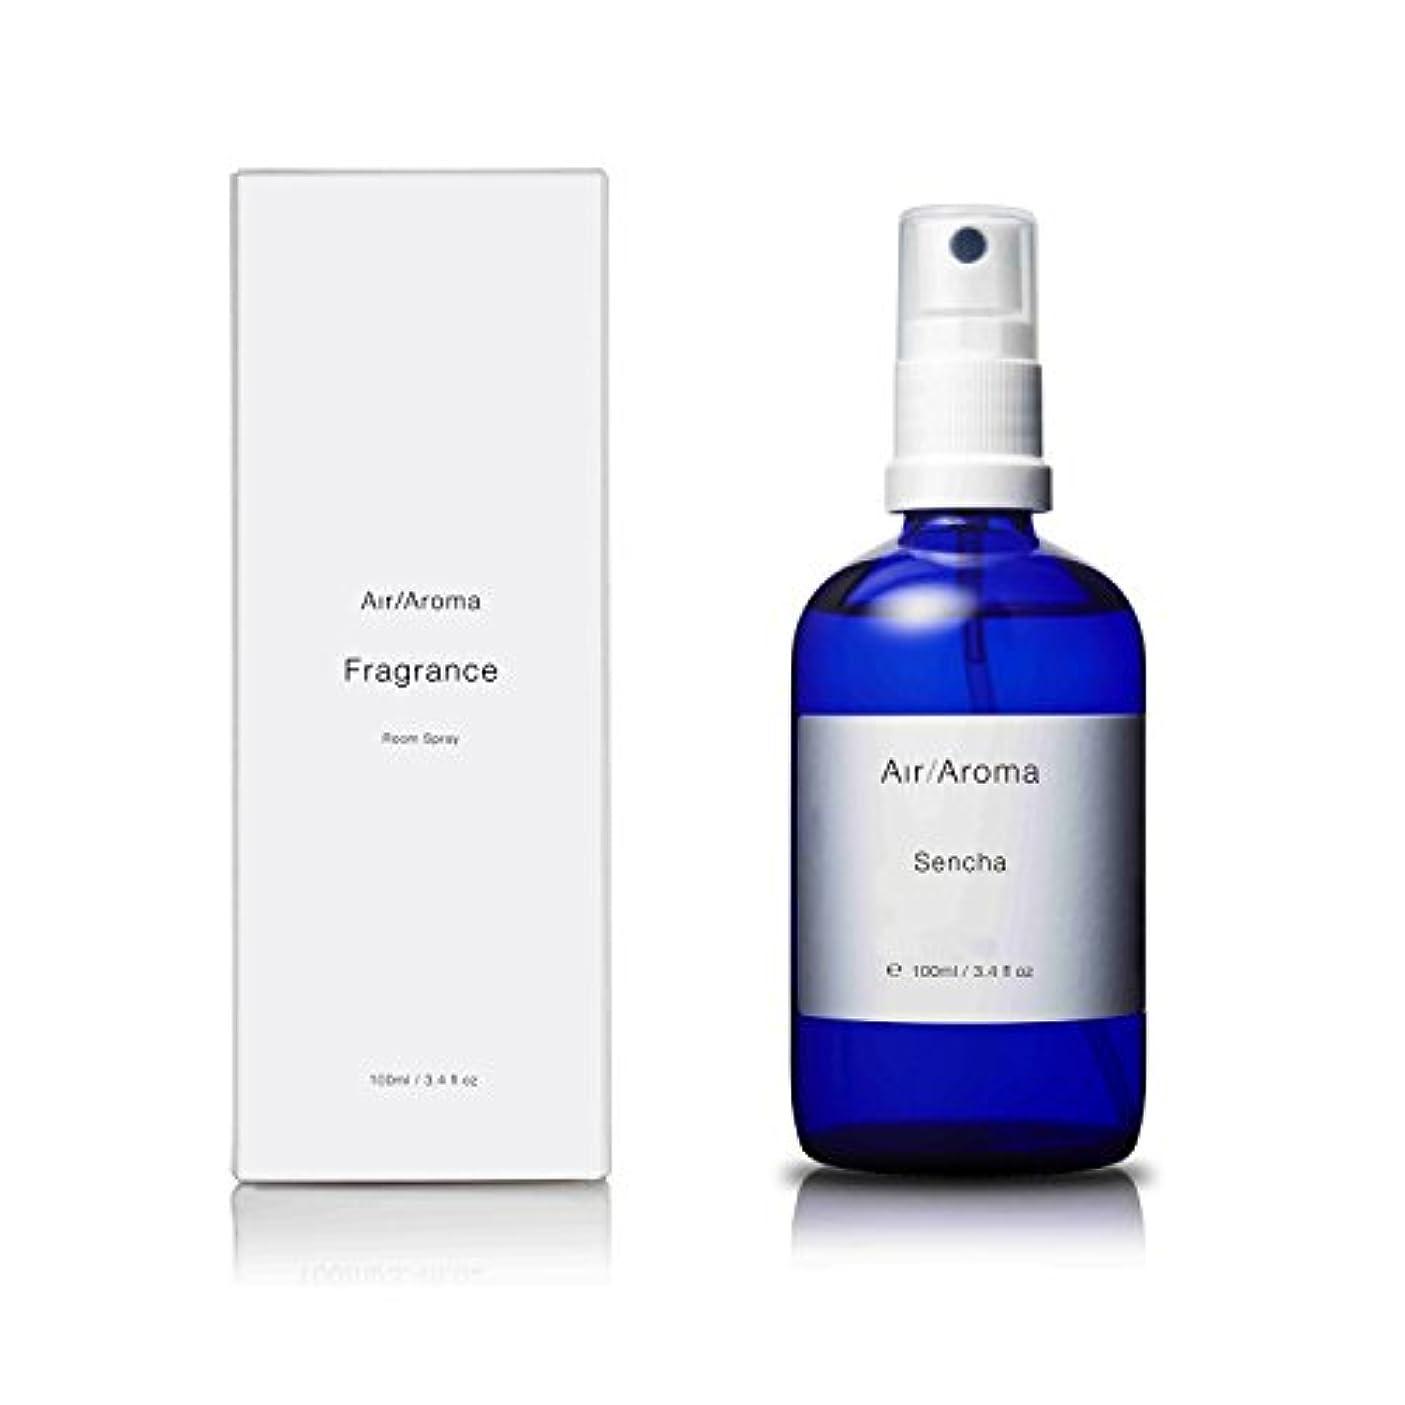 スワップ要求電卓エアアロマ sencha room fragrance(センチャ ルームフレグランス)100ml